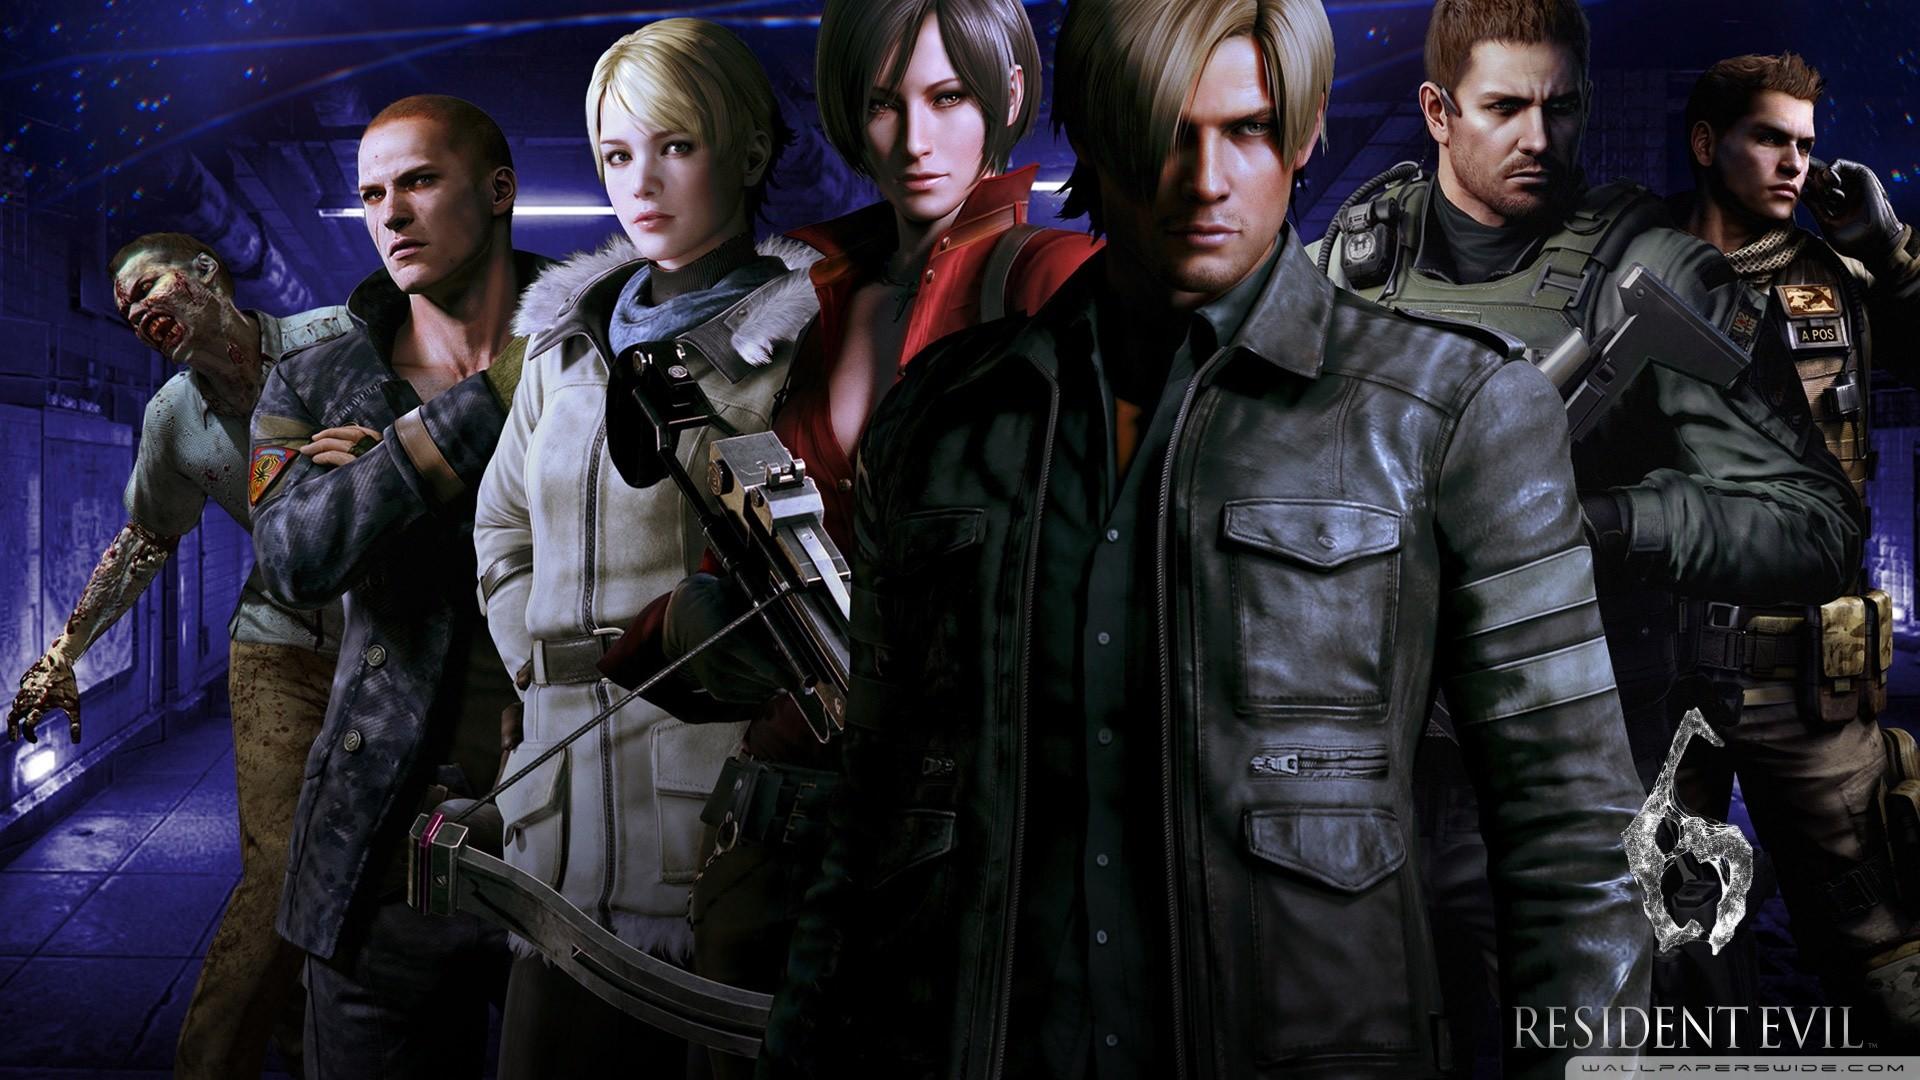 Resident Evil 6 Wallpaper 1080p 83 Images